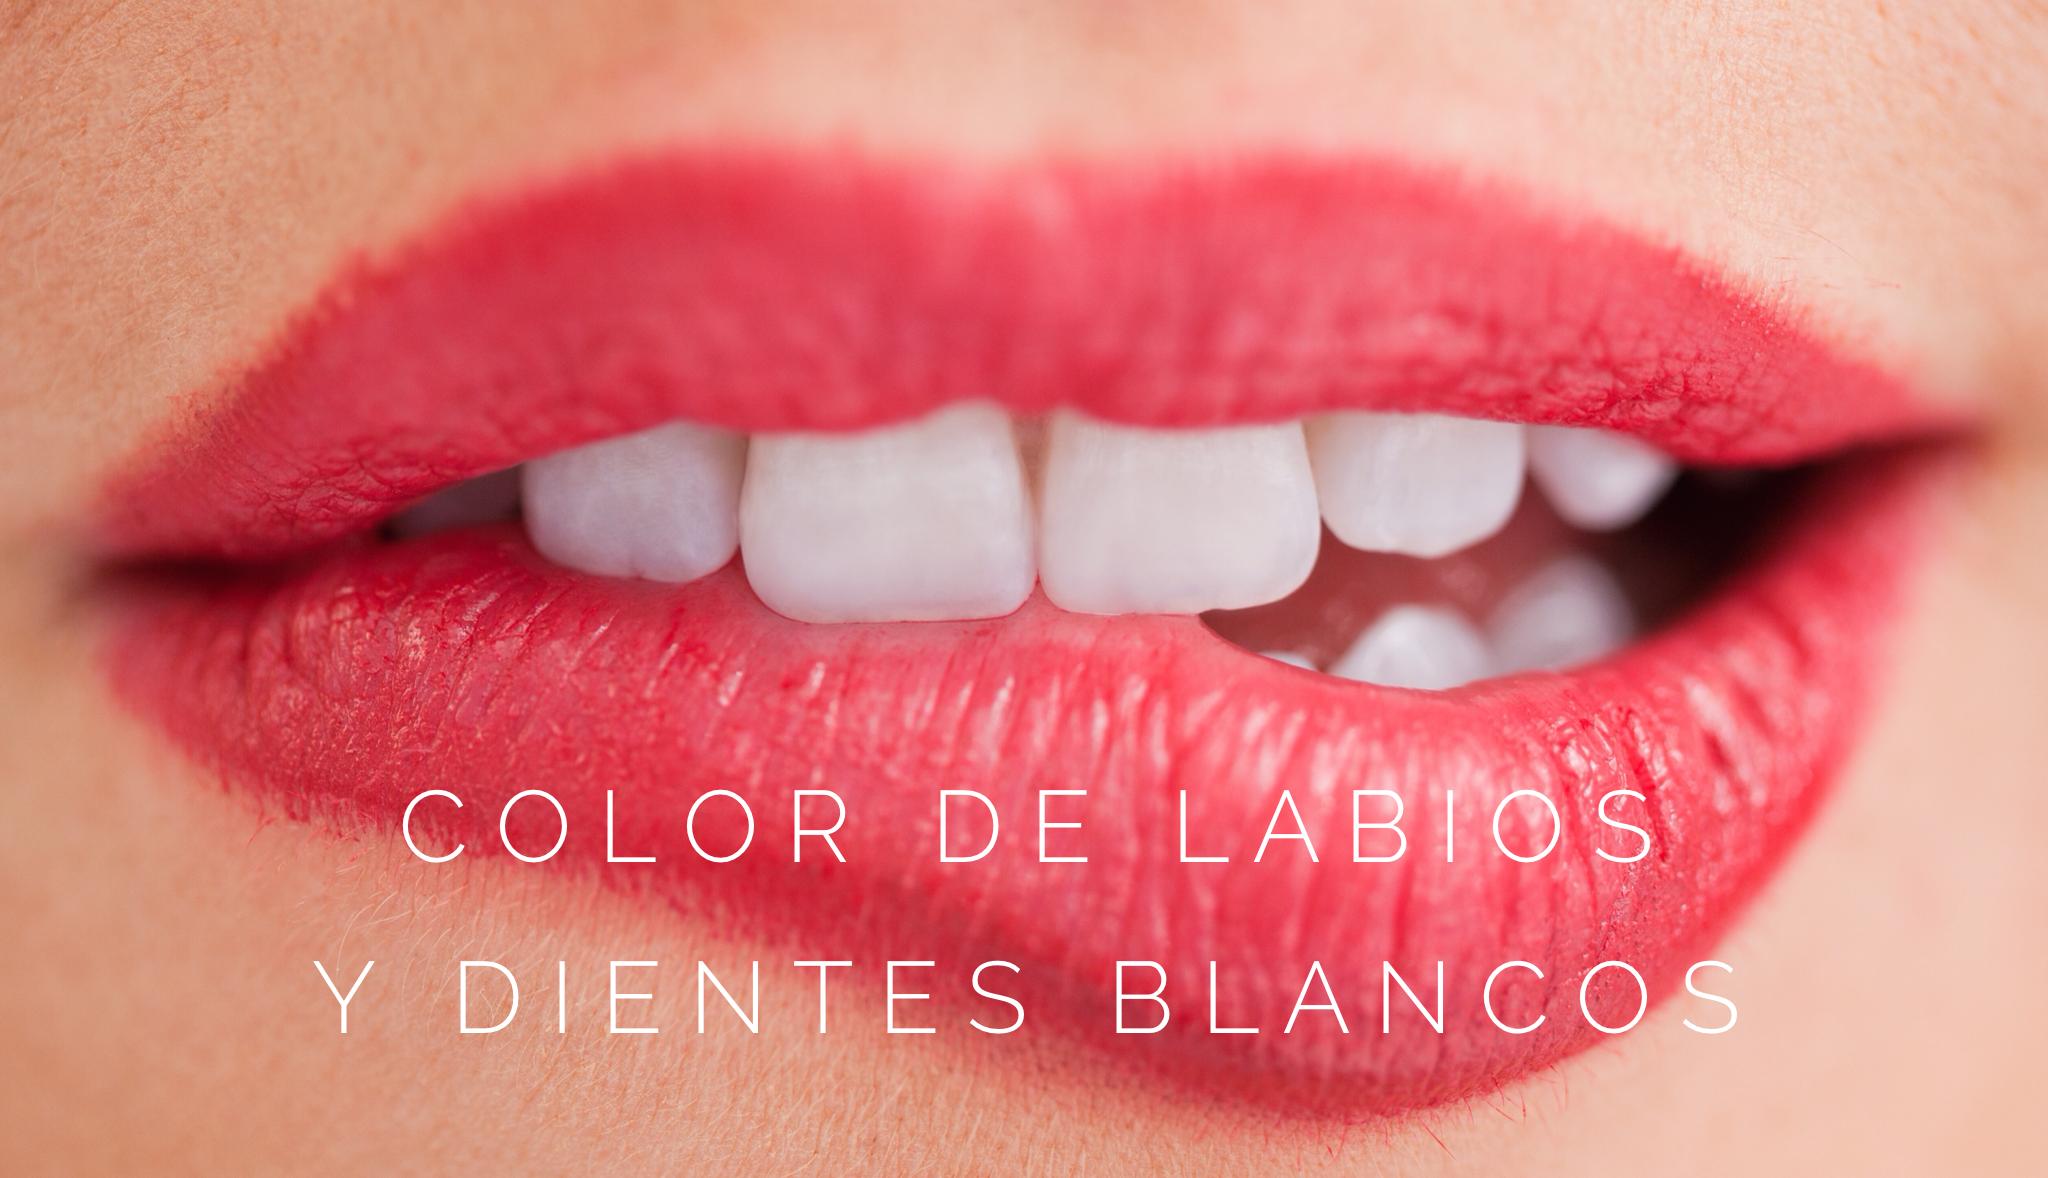 ¿Cómo me puedo pintar los labios para que mis dientes parezcan más blancos?